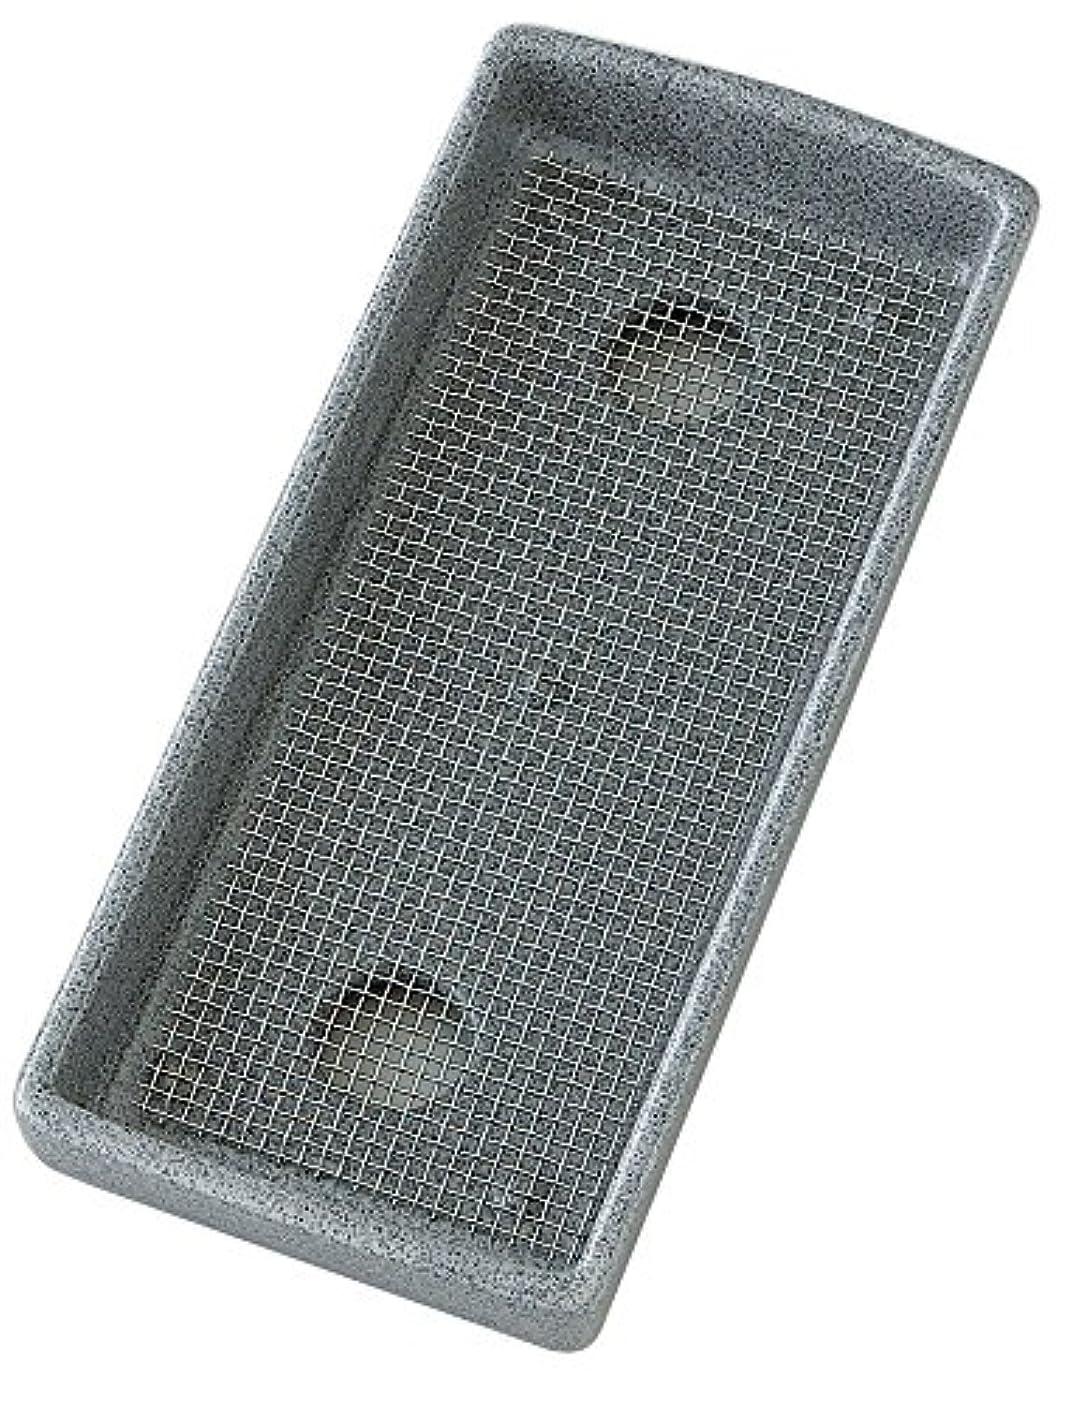 間欠より多い入り口マルエス 線香皿 磁器製 寝かせ香皿